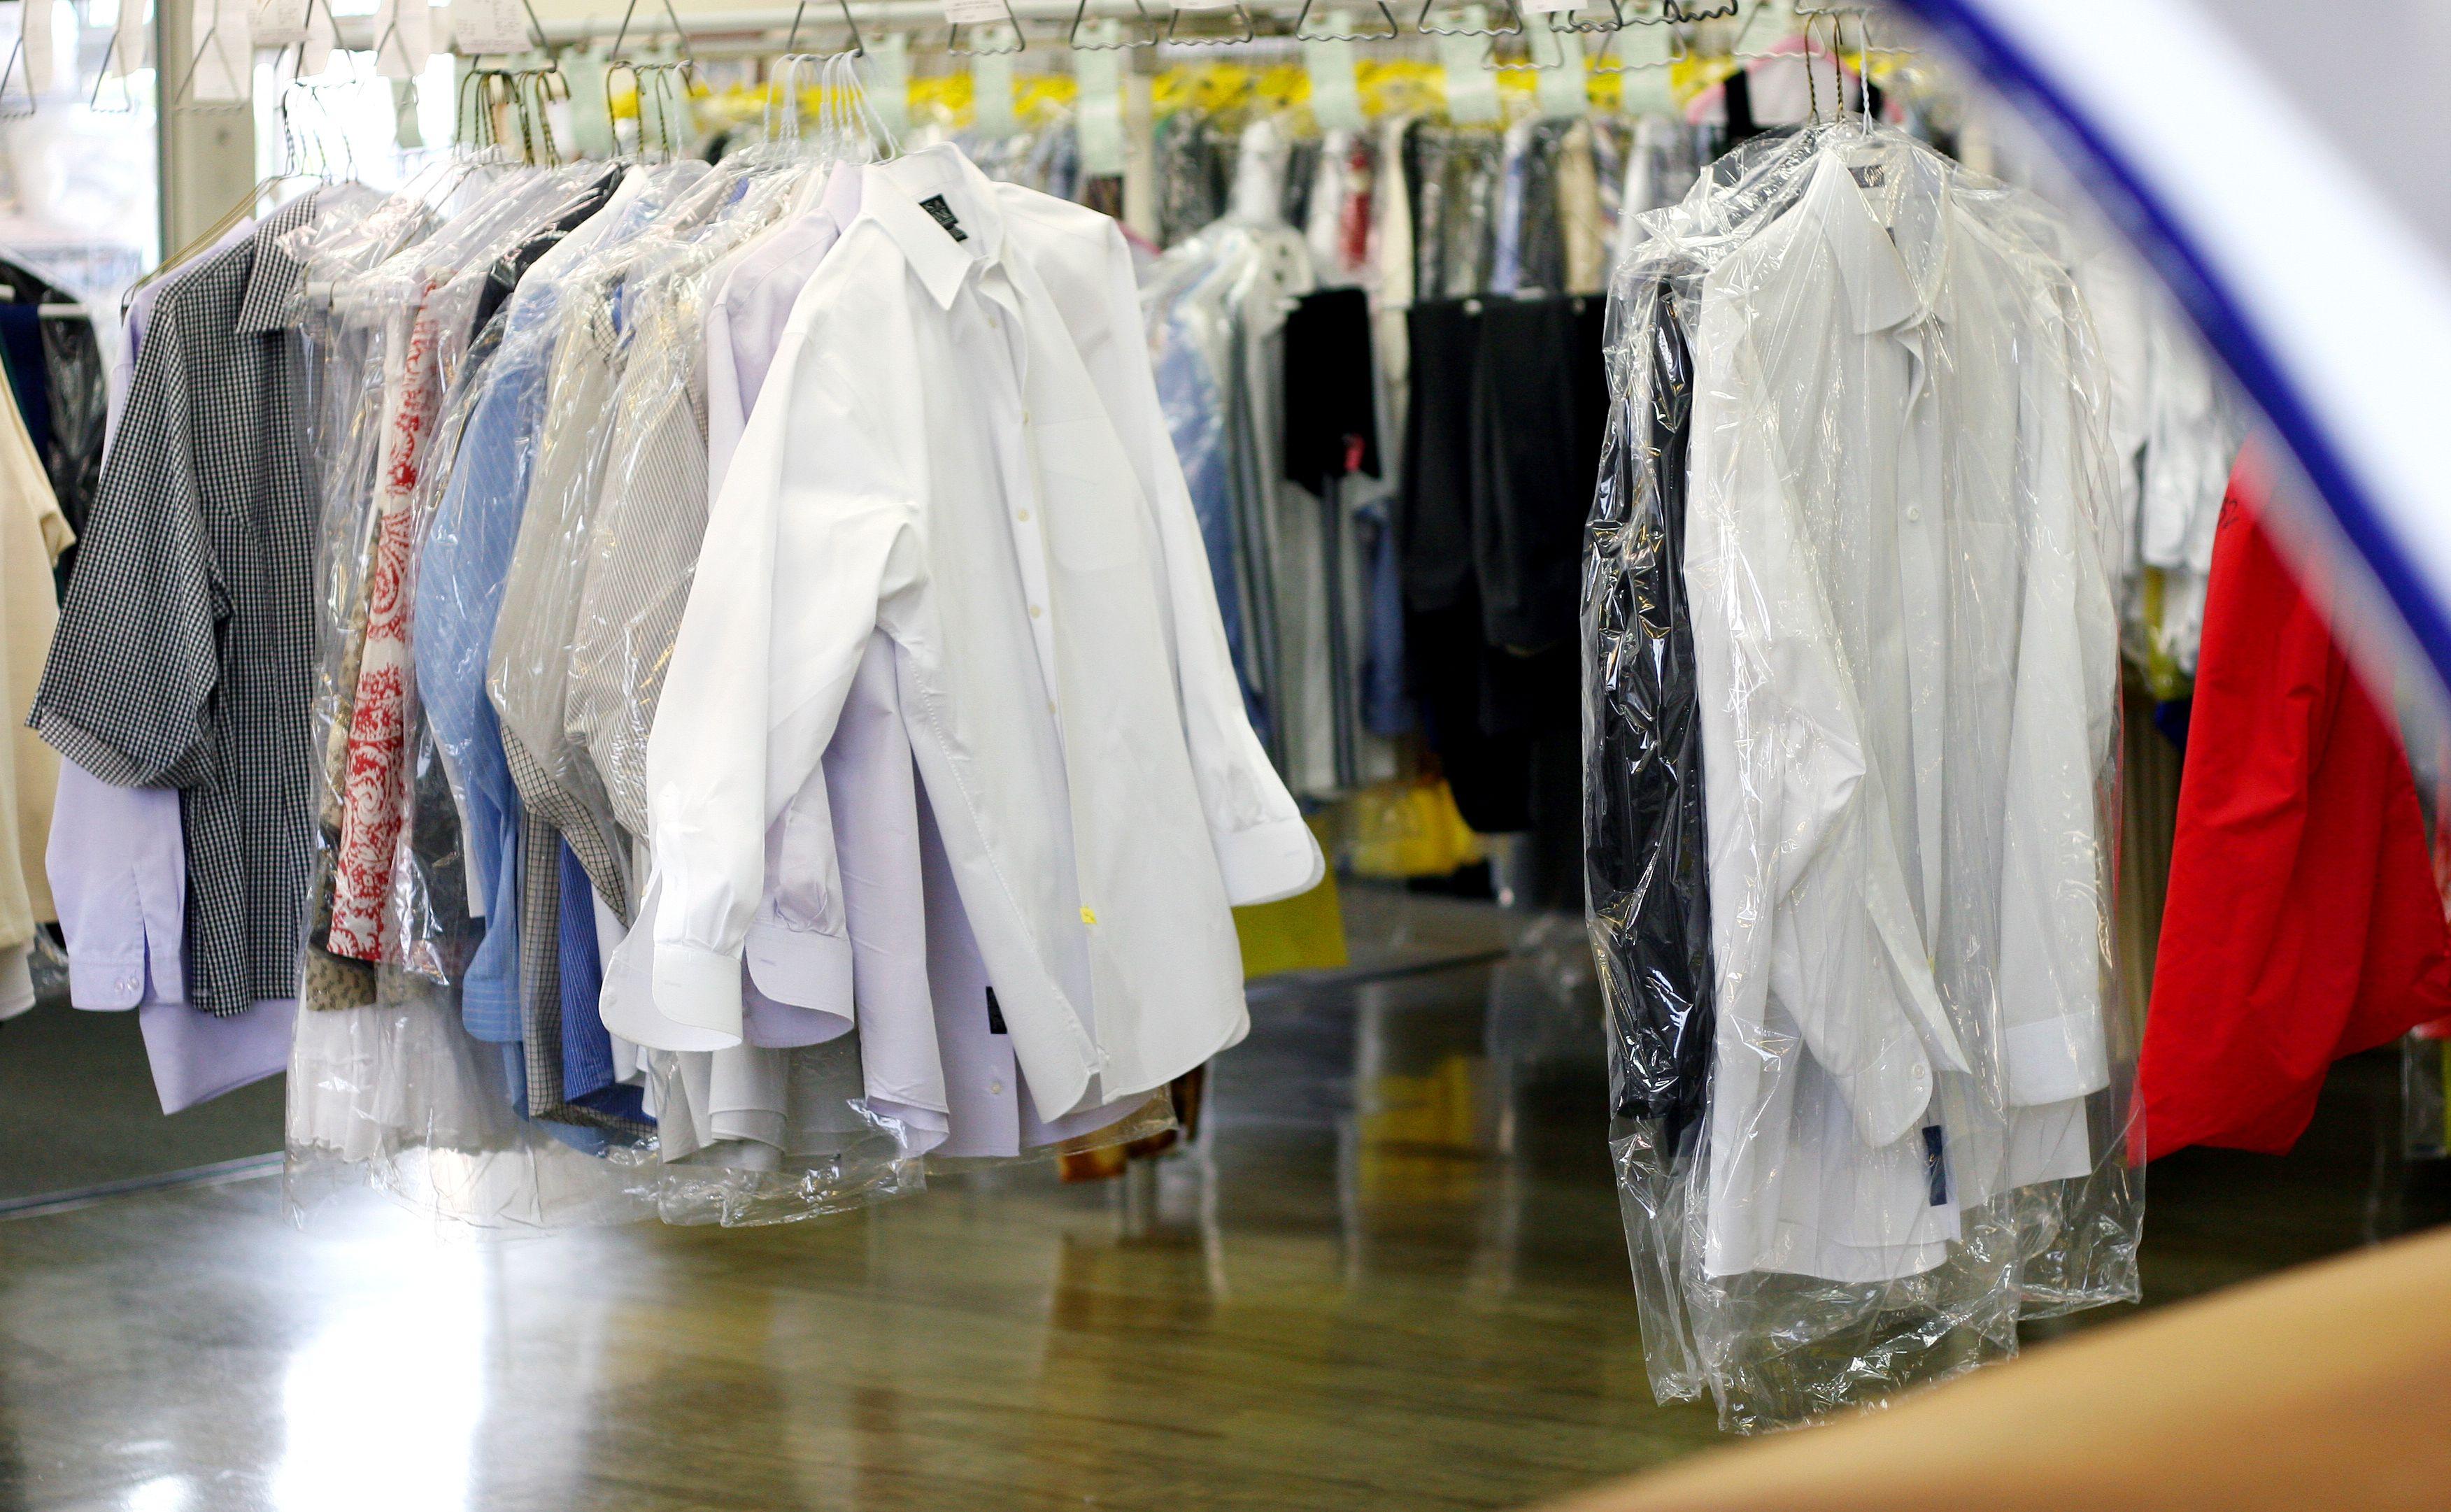 Lavandería y tintorería express: Servicios de Tinteco tintorerías